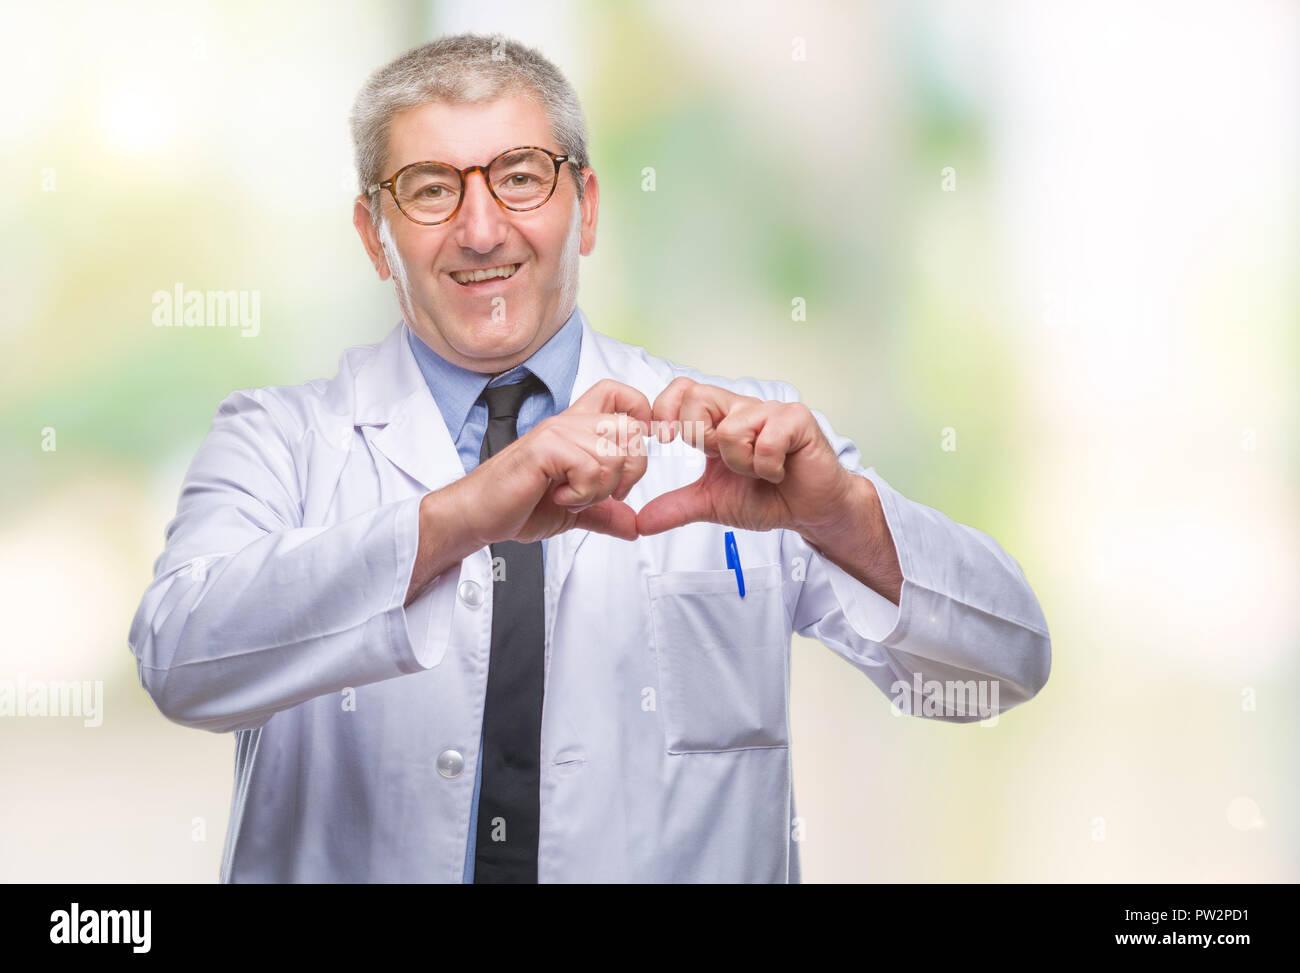 timeless design 2f1ed cdf1e beau-medecin-scientifique-senior-homme-professionnel-vetu-de-blanc-manteau-sur-fond-isole-smiling-in-love-montrant-le-symbole-de-coeur-et-forme-avec-han-  ...